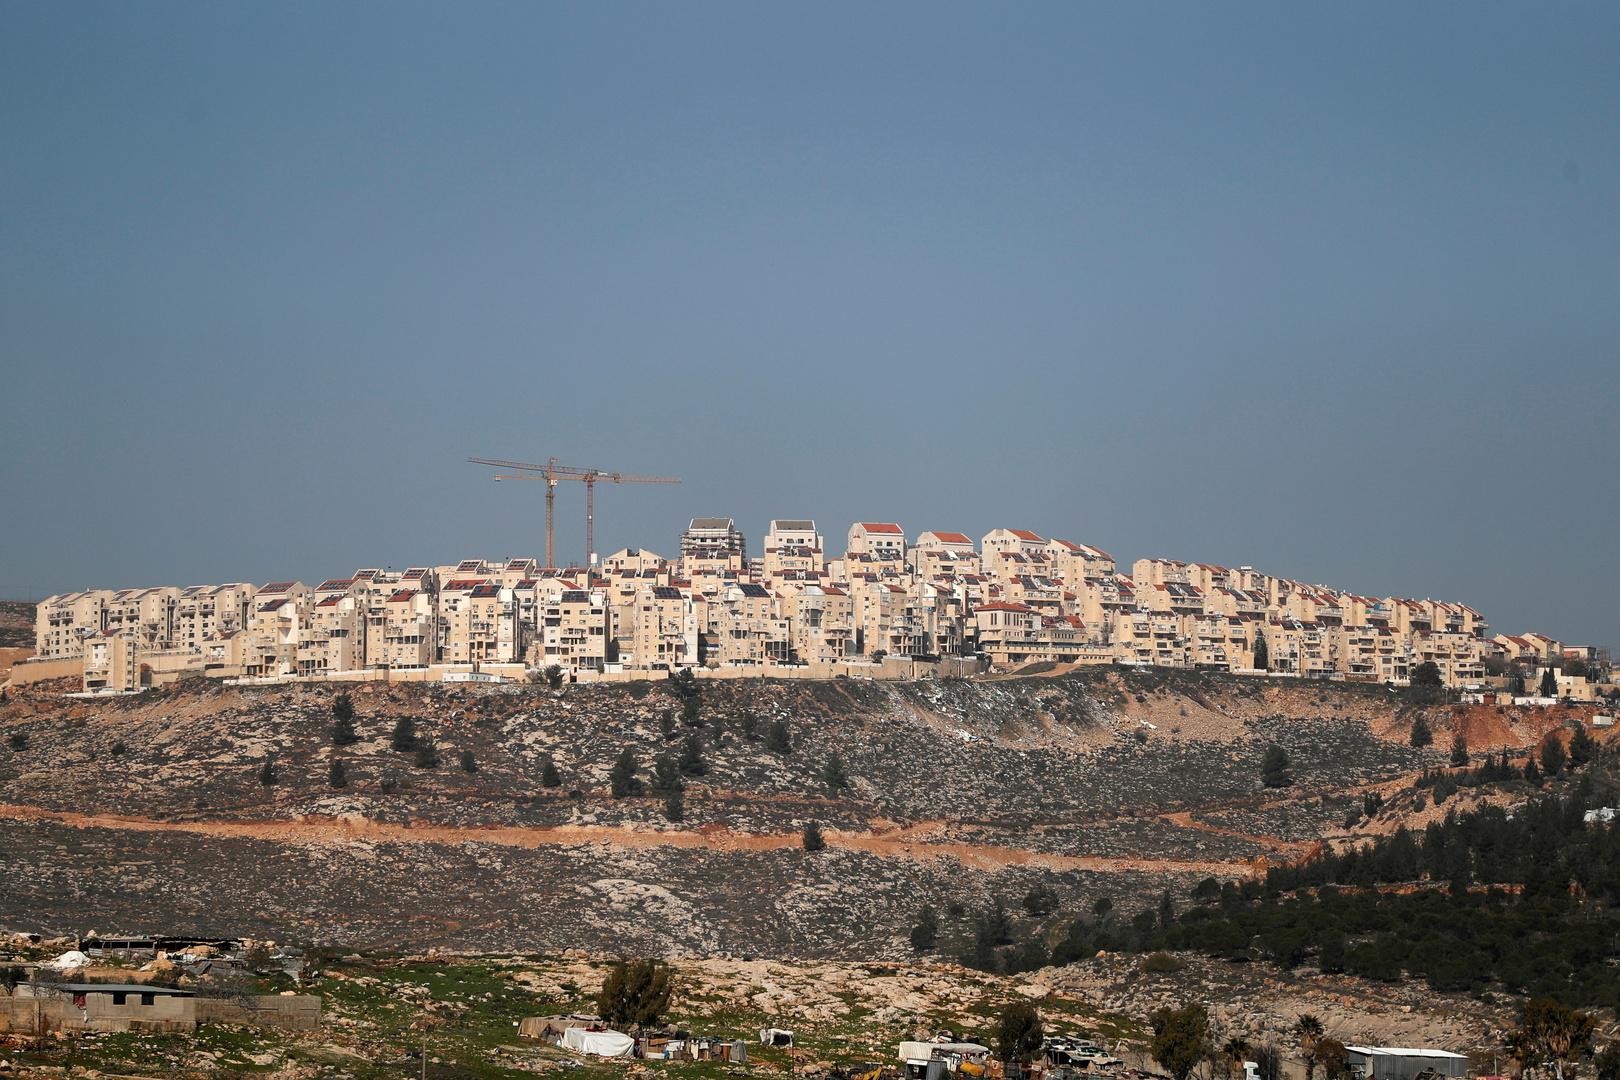 الأمم المتحدة: المستوطنات الإسرائيلية في الضفة الغربية توسعت إلى أكبر حد خلال 4 سنوات